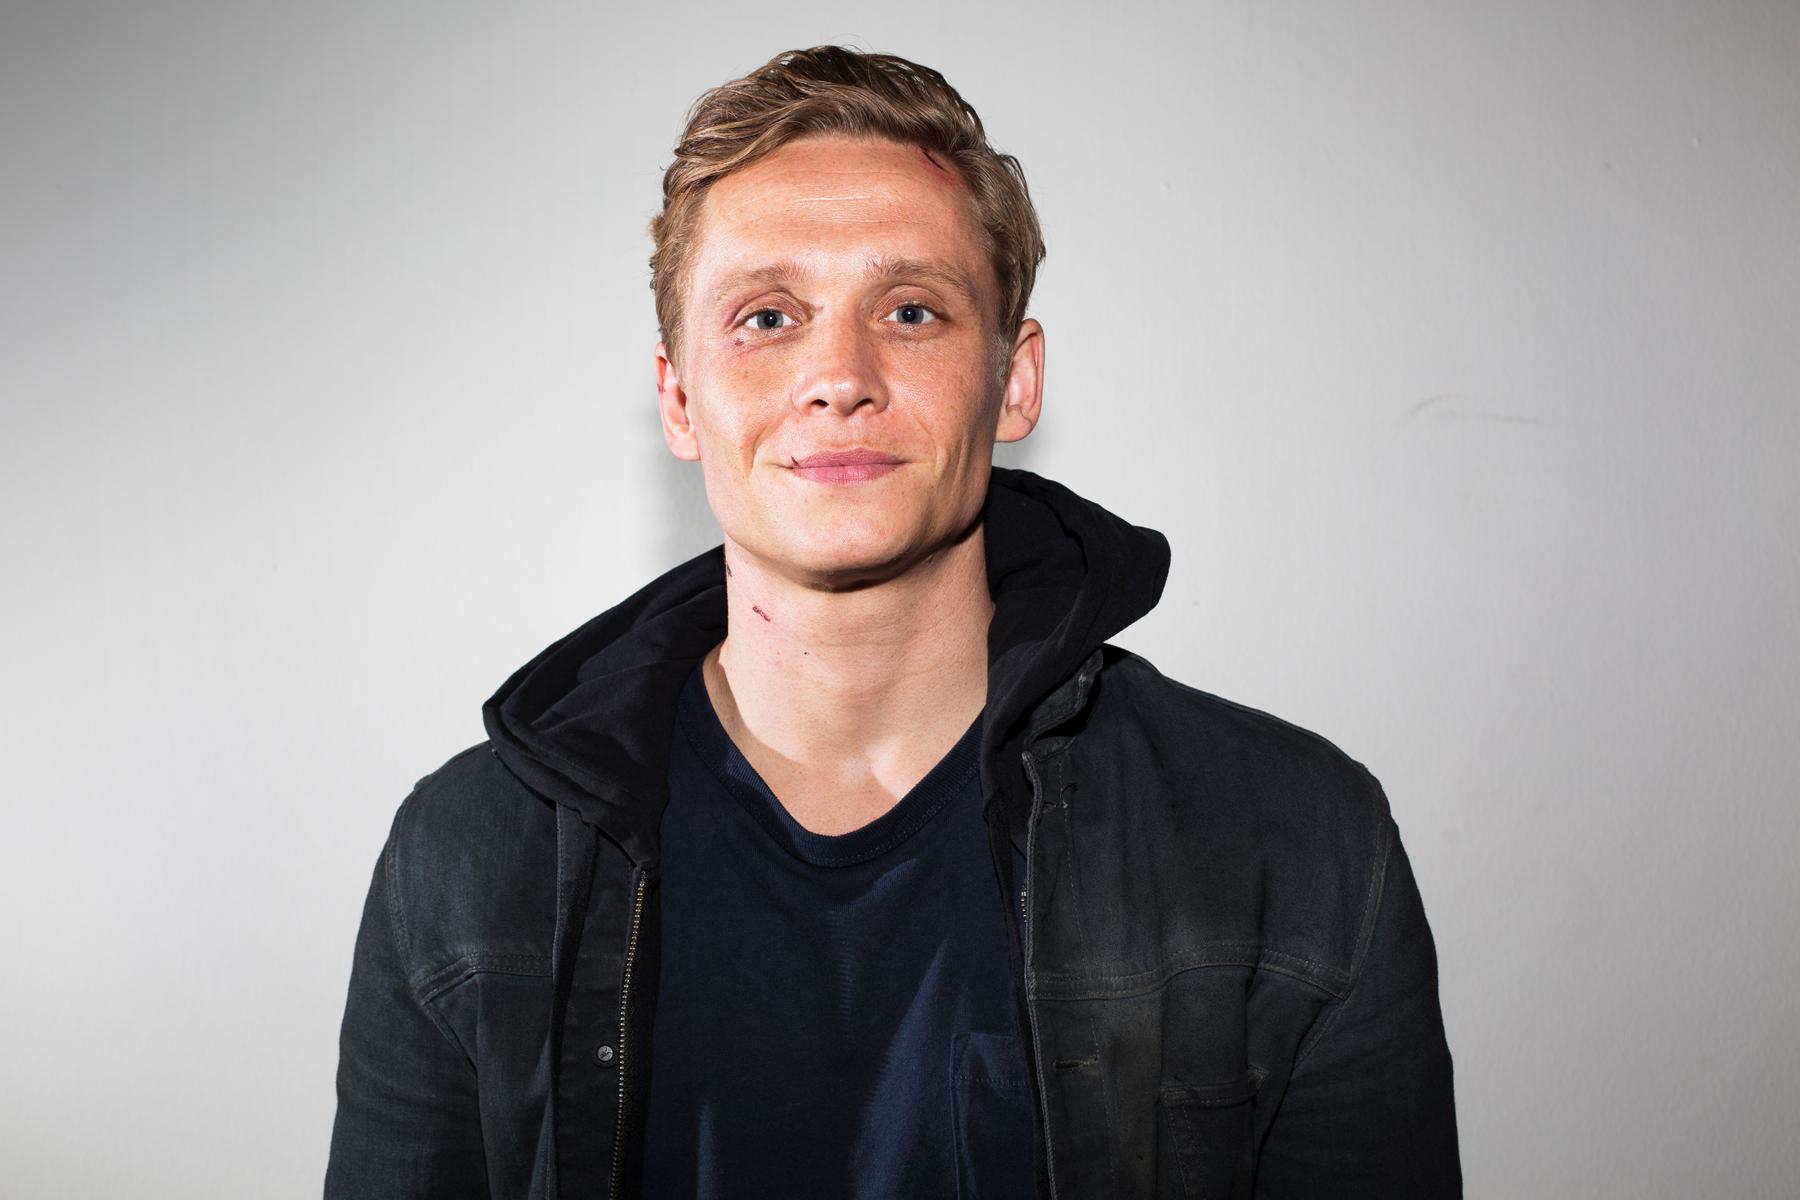 Matthias Schweighöfer für das Handelsblatt Magazin